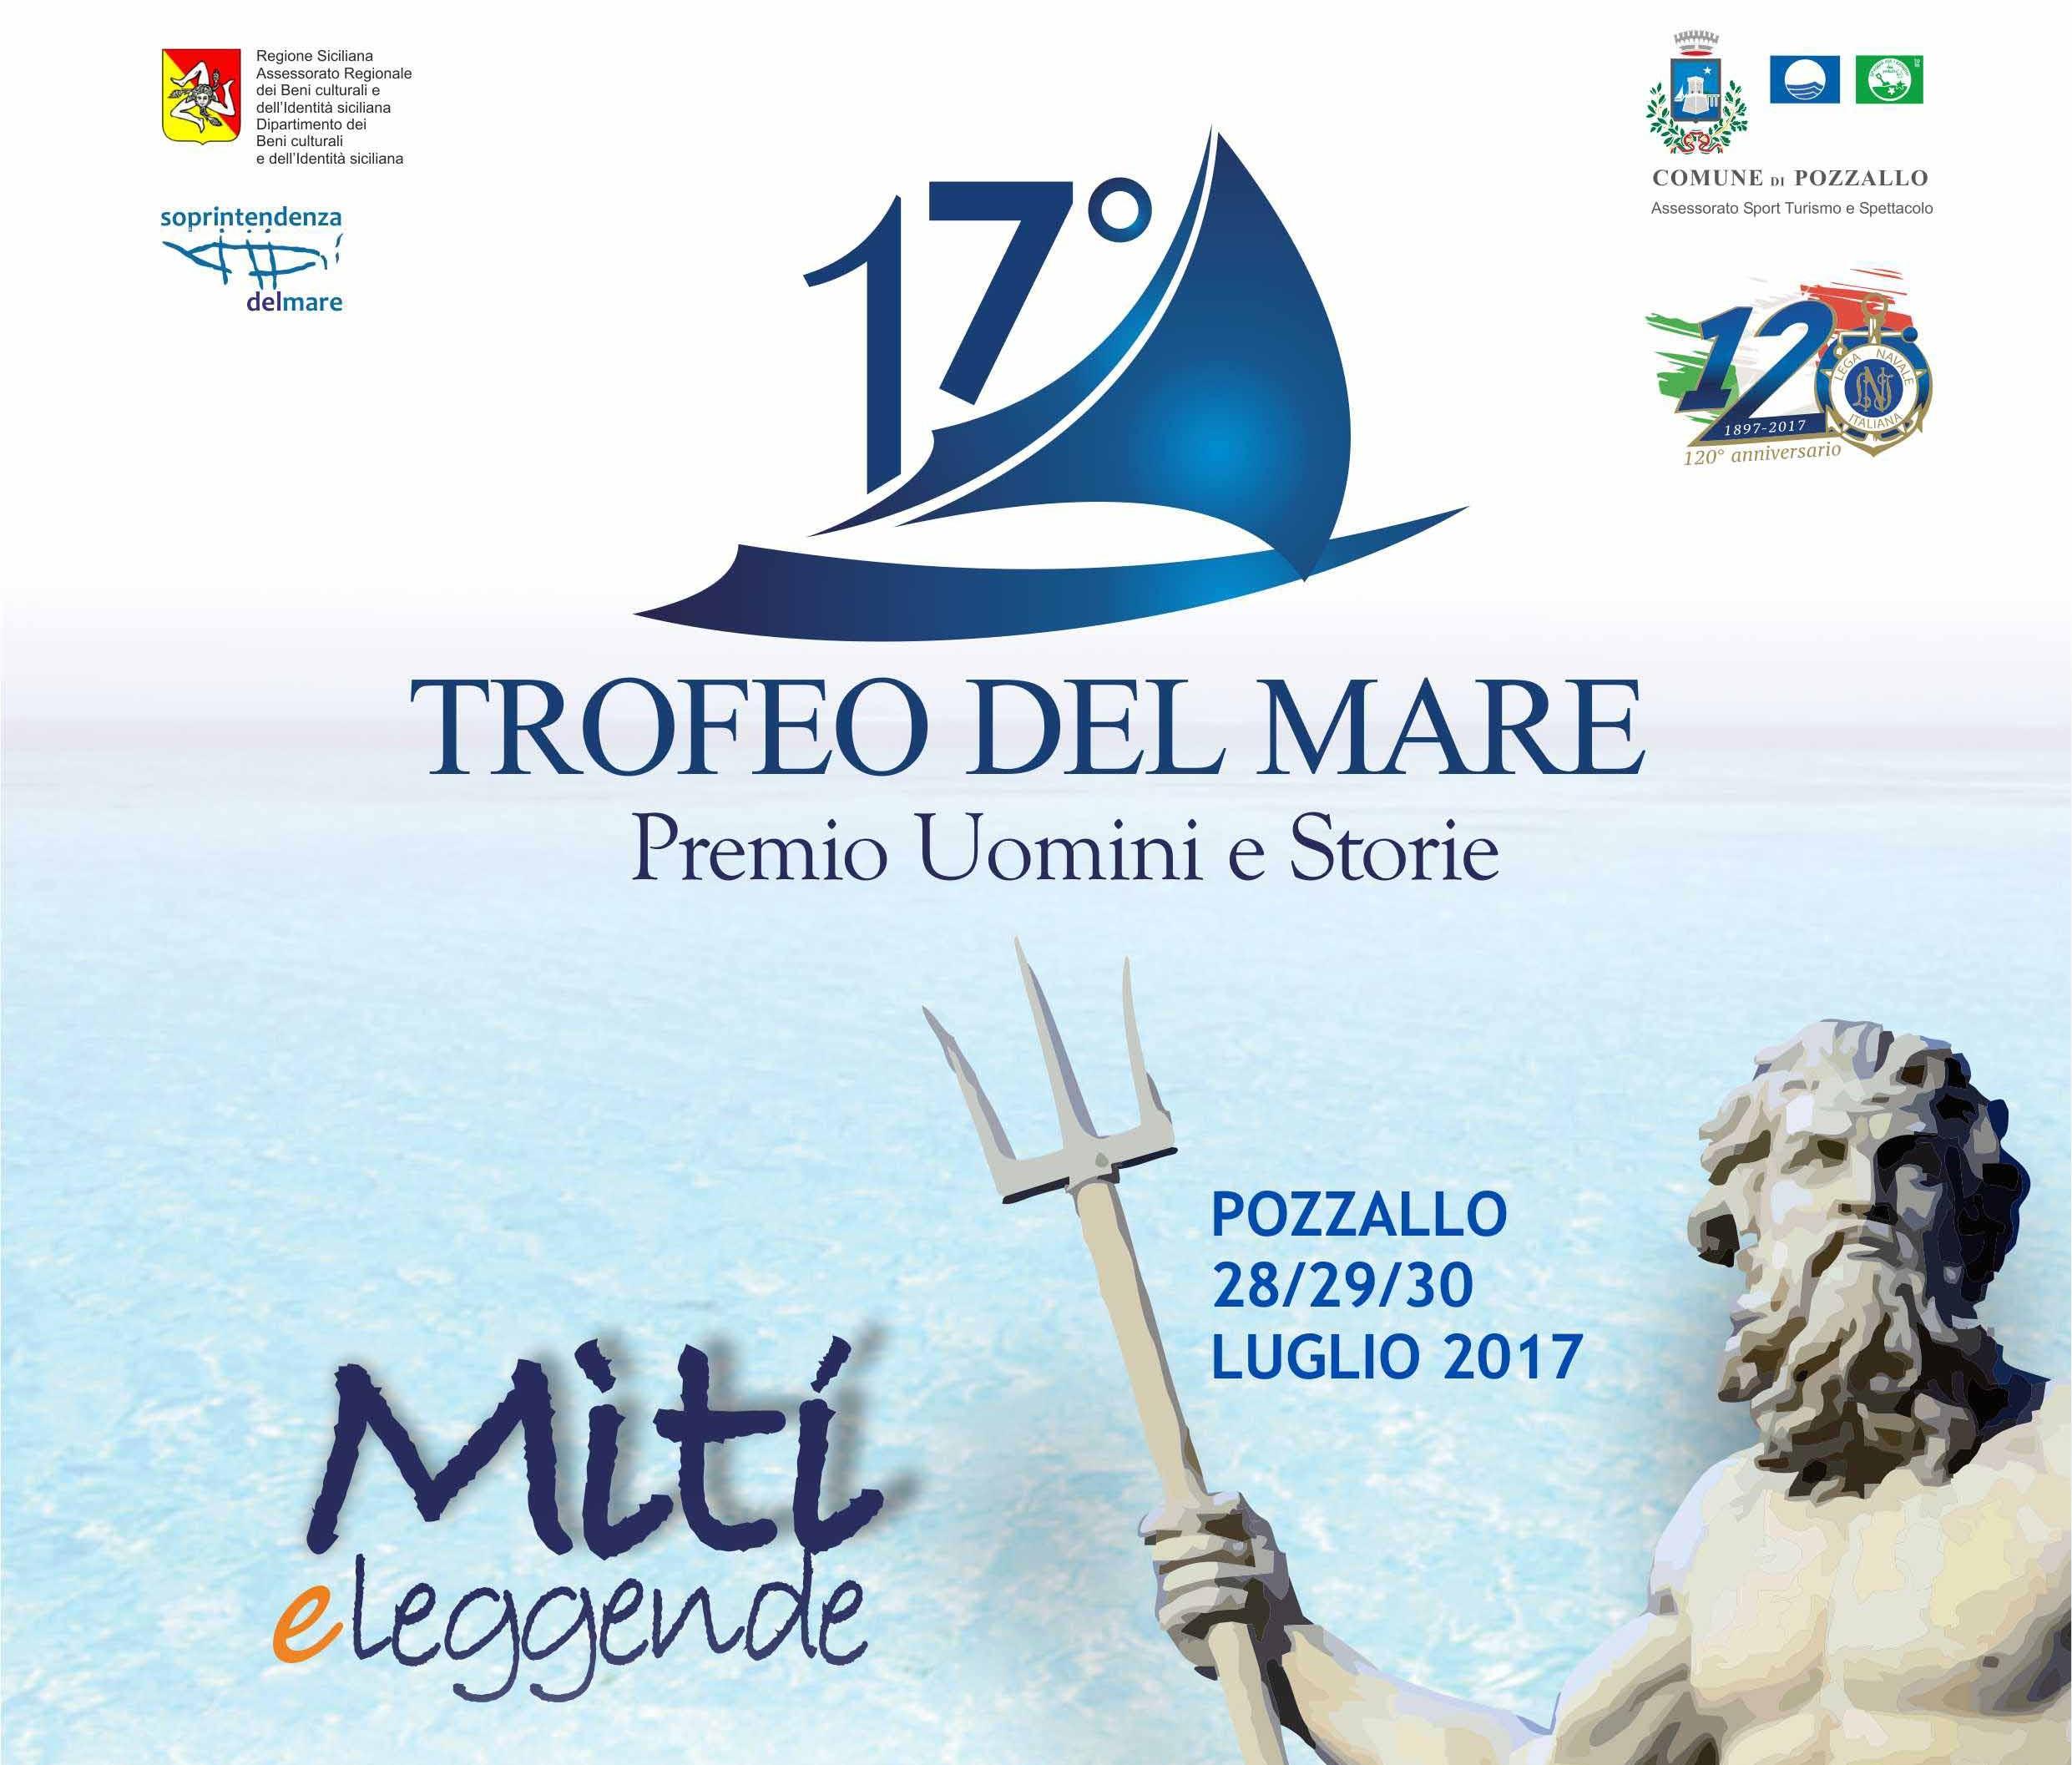 Pozzallo: al via il Trofeo del mare 2017 tra economia, arte e storia